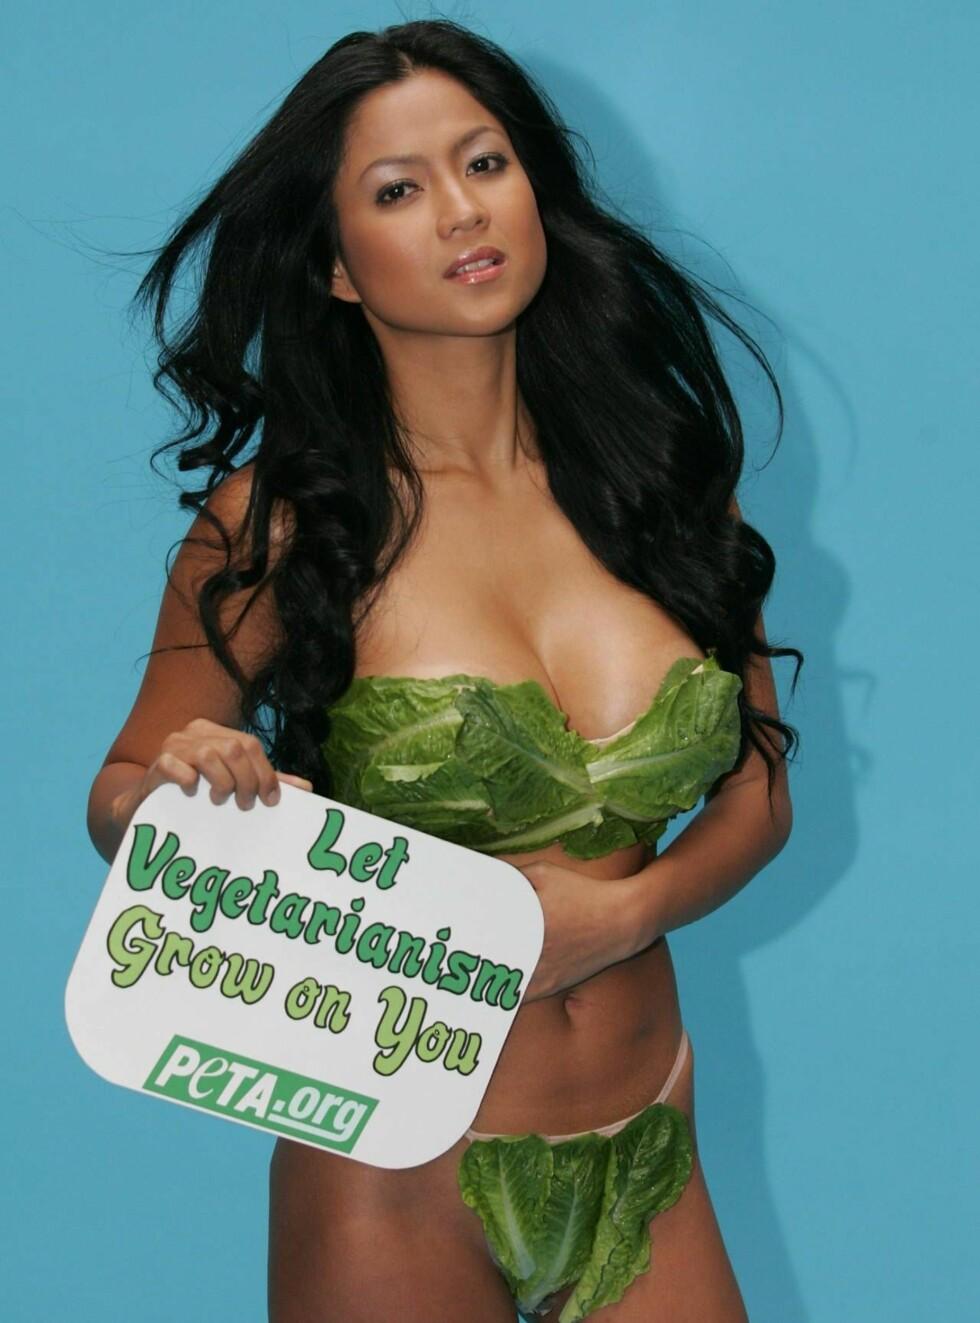 JA TIL VEGGIS_LIV: Den filipinske skuespillerinnen og modellen Alicia Mayer synes grønt er skjønt. Foto: AP